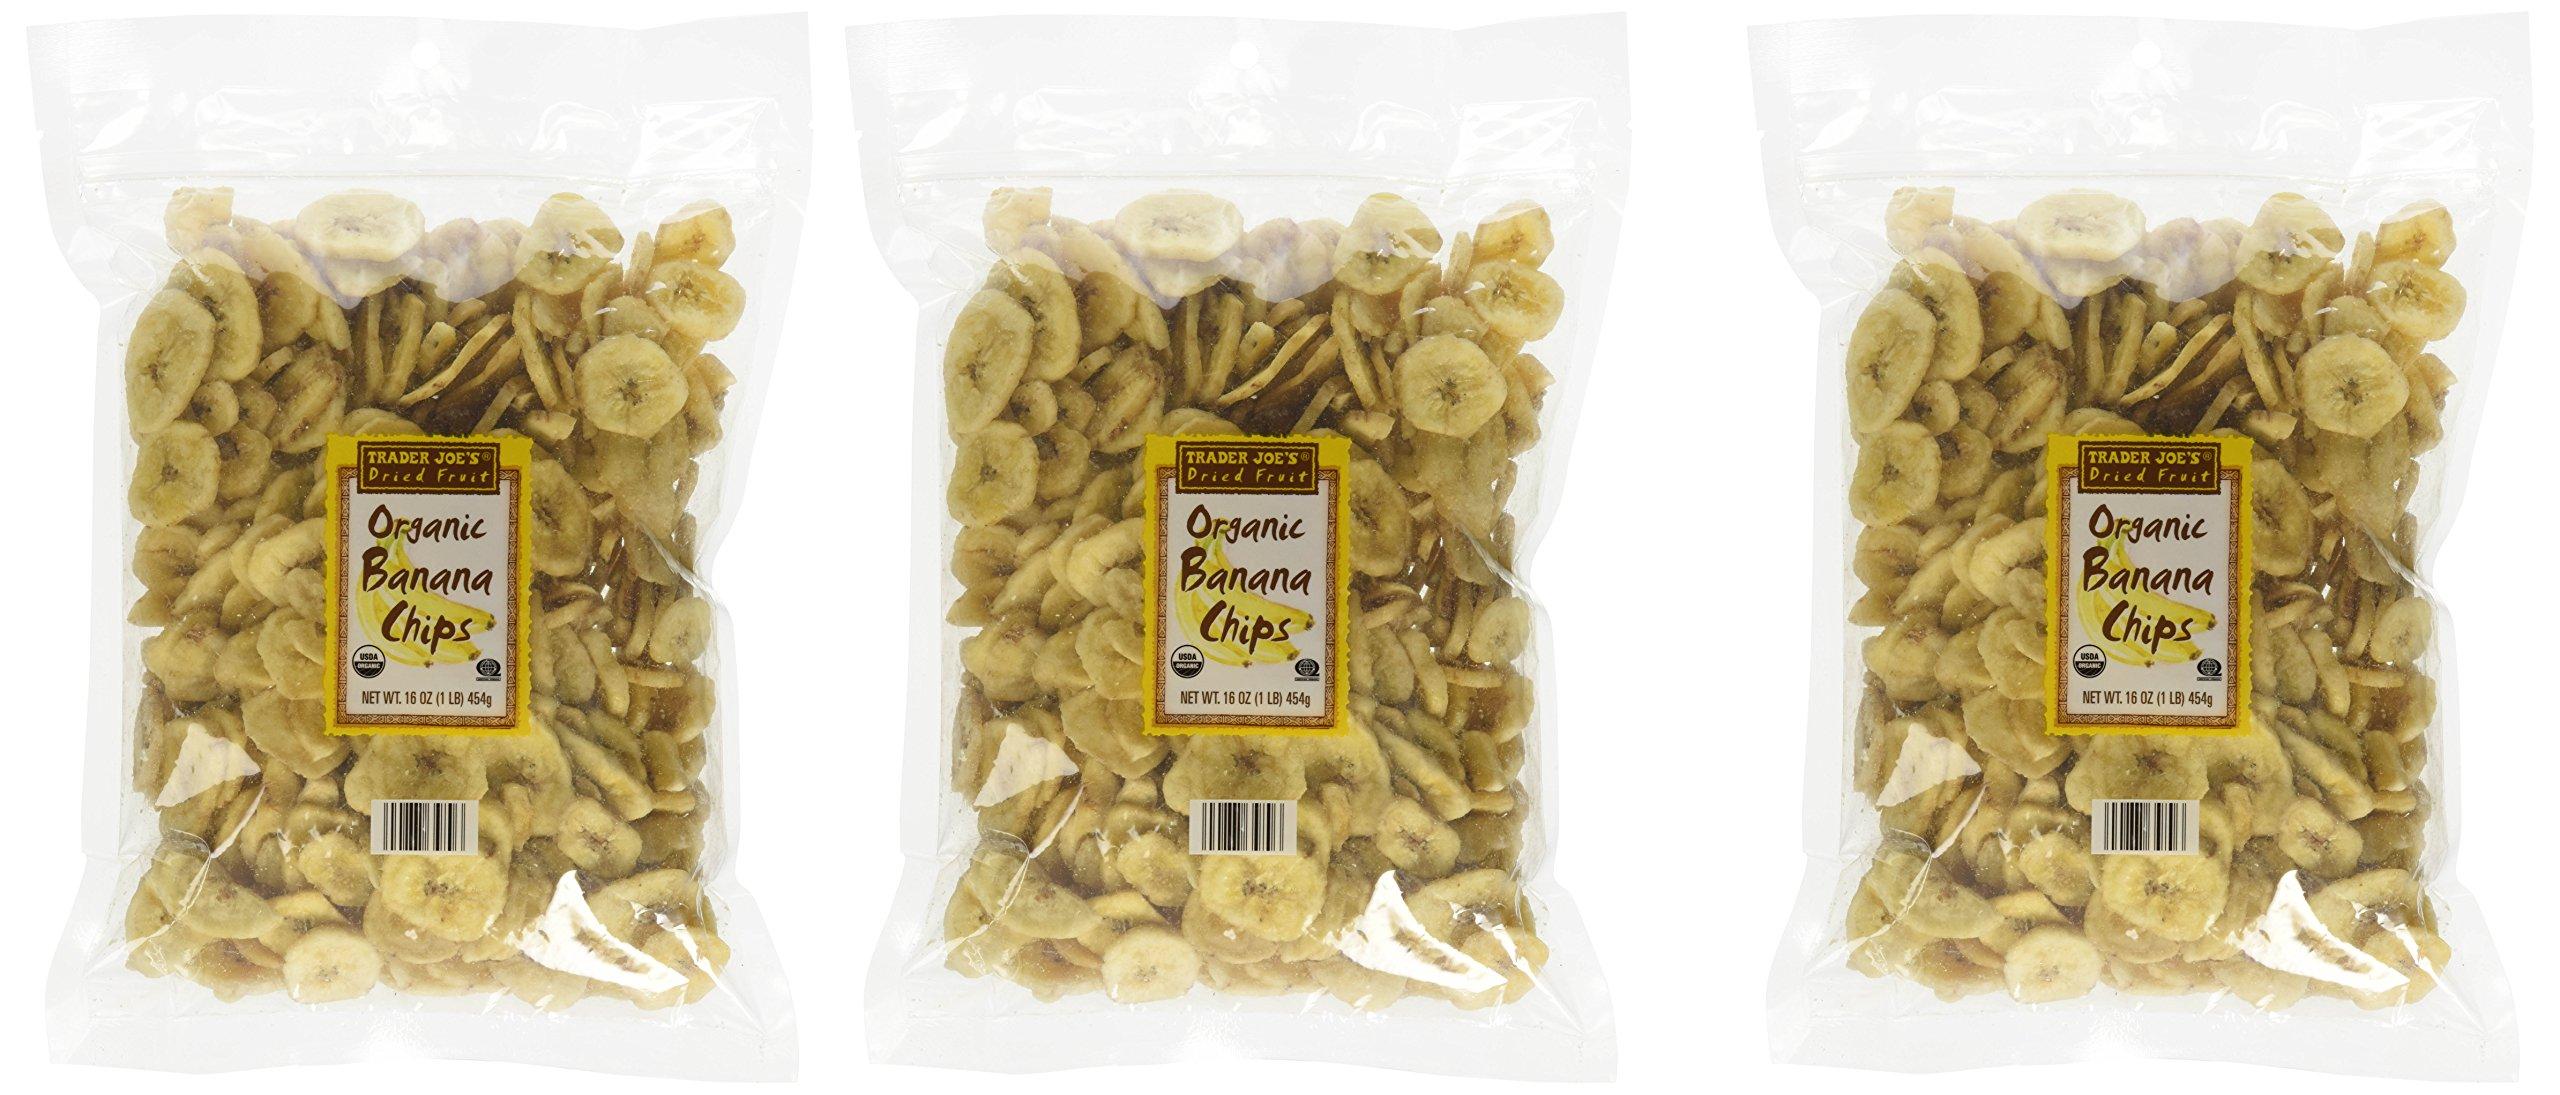 Trader Joe's Organic Banana Chips 16 Oz. (Pack of 3)